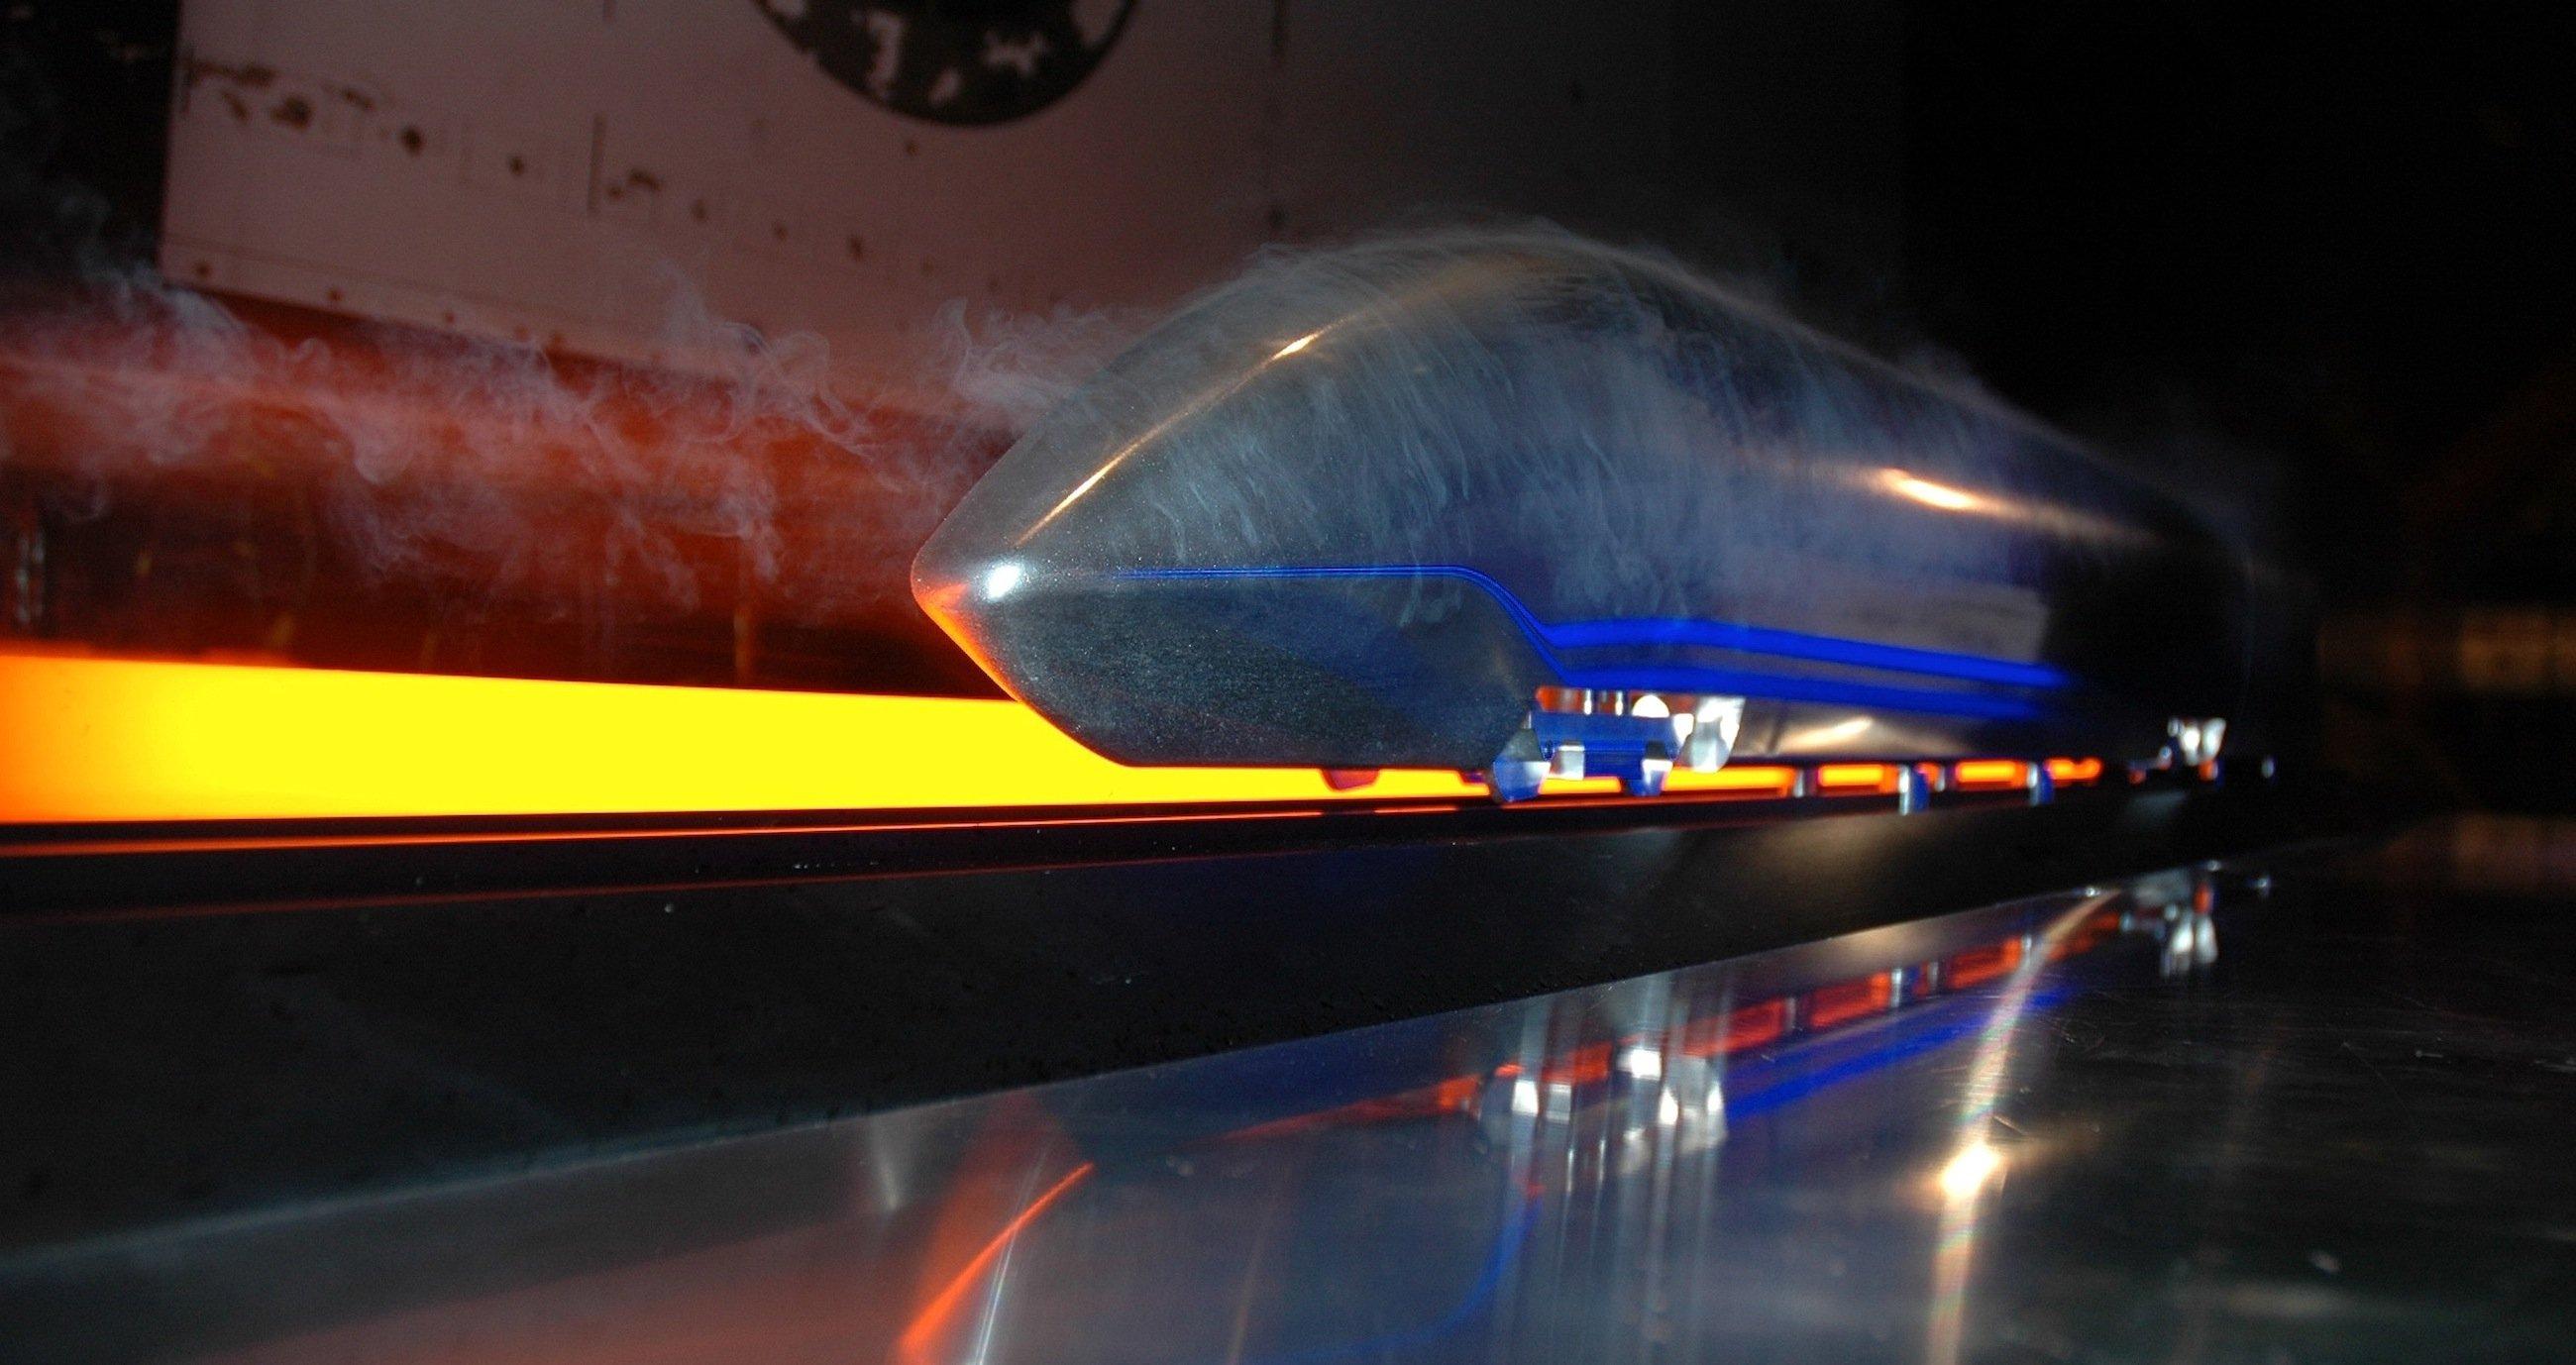 Mit 400 km/h, trotzdem leise und doppelstöckig sollen Hochgeschwindigkeitszüge nach Vorstellung des DLR künftig fahren. Gleichzeitig soll der Energiebedarf um 50 % sinken. Auf Basis dieses Konzeptzuges hat das DLR einen Schnellzug für die britische Bahn entworfen.